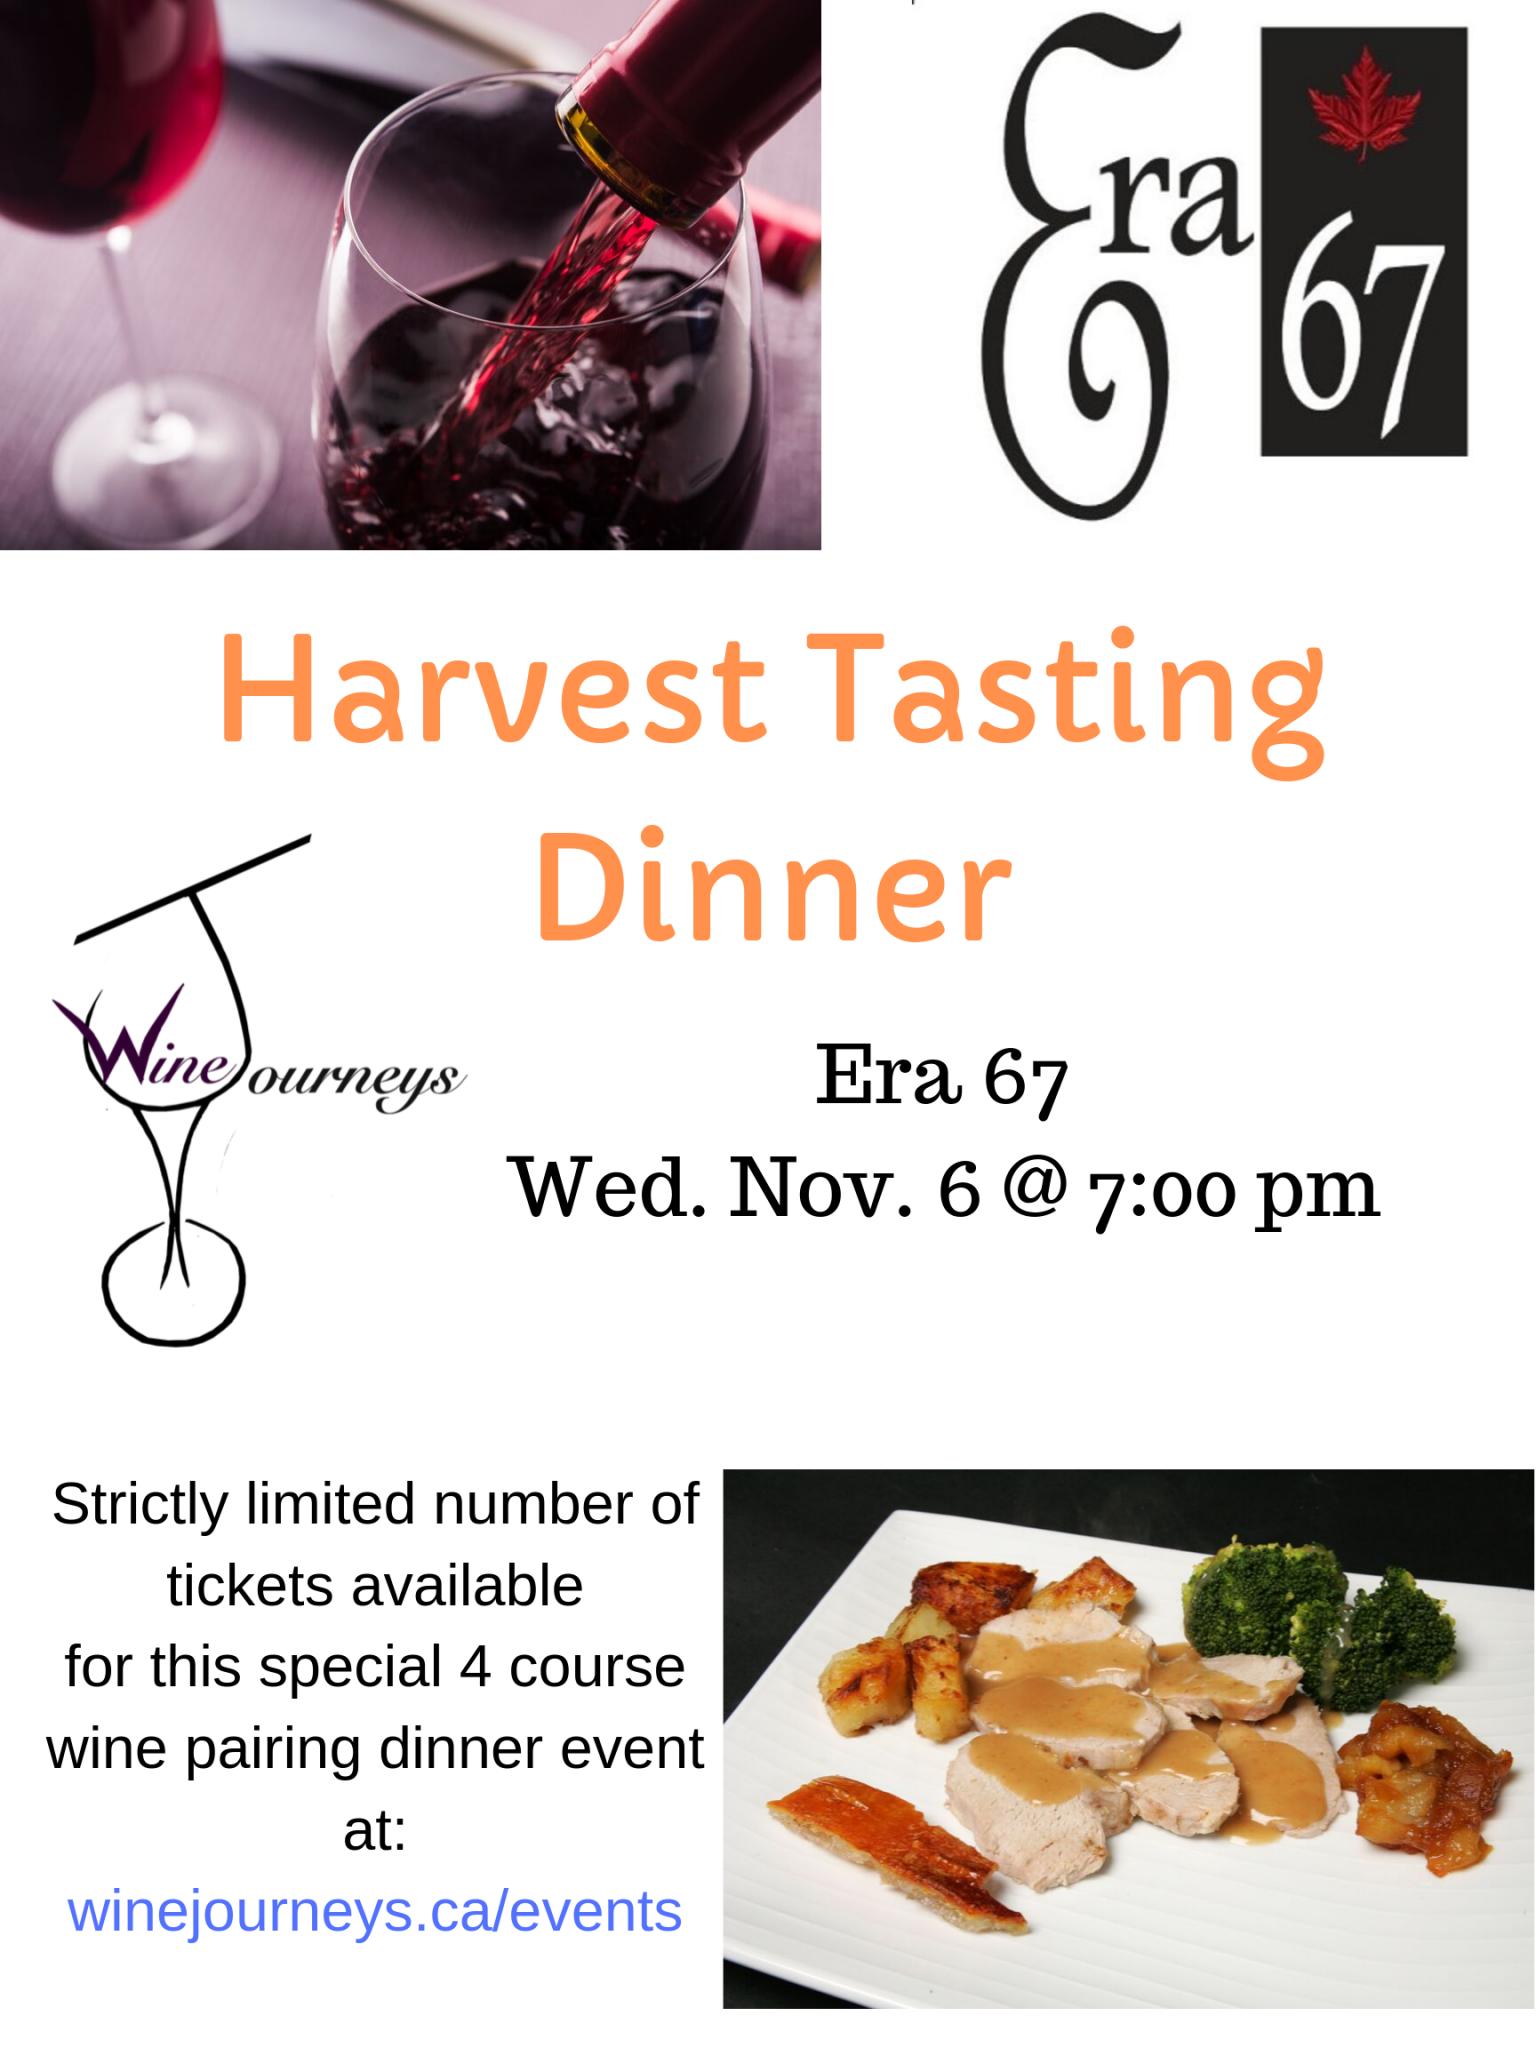 Era67Poster - HARVEST TASTING DINNER